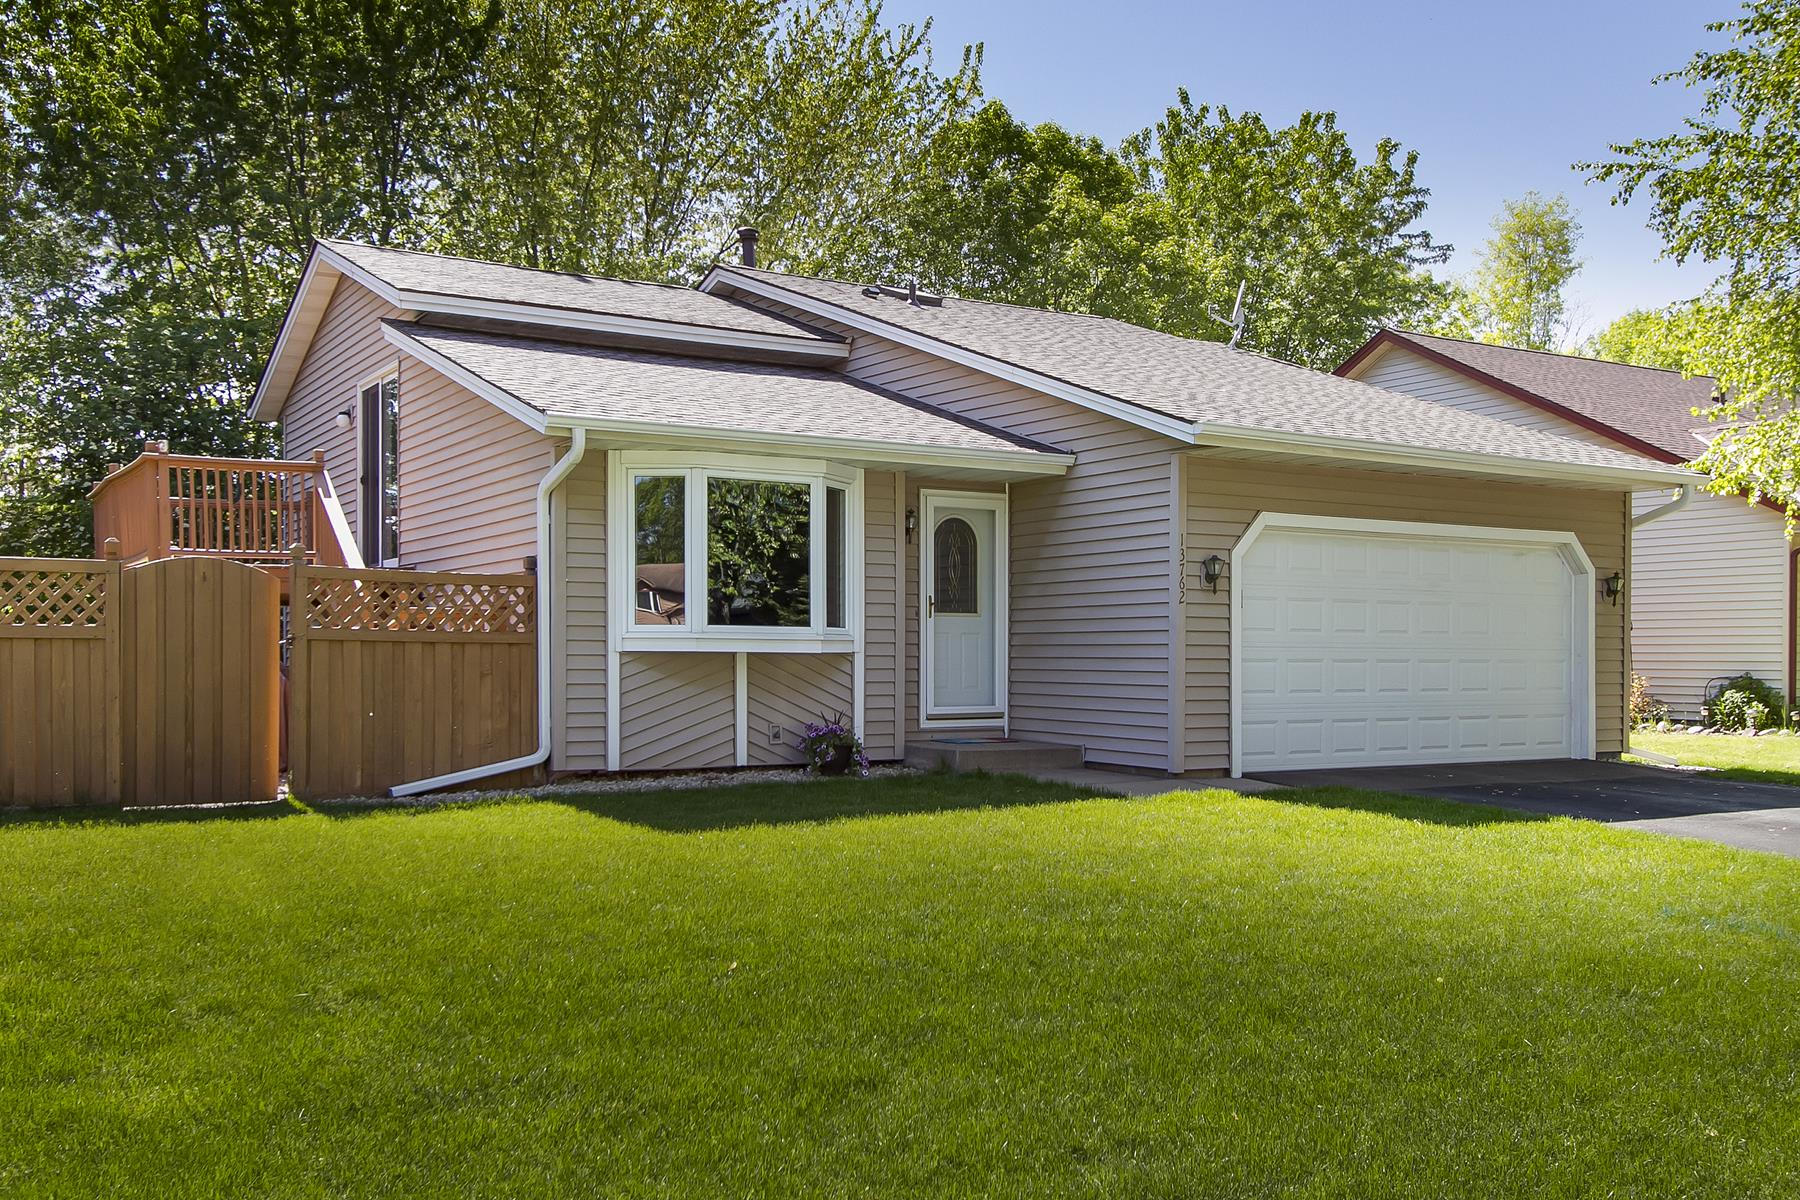 단독 가정 주택 용 매매 에 13762 Glenhurst Lane Savage, 미네소타, 55378 미국